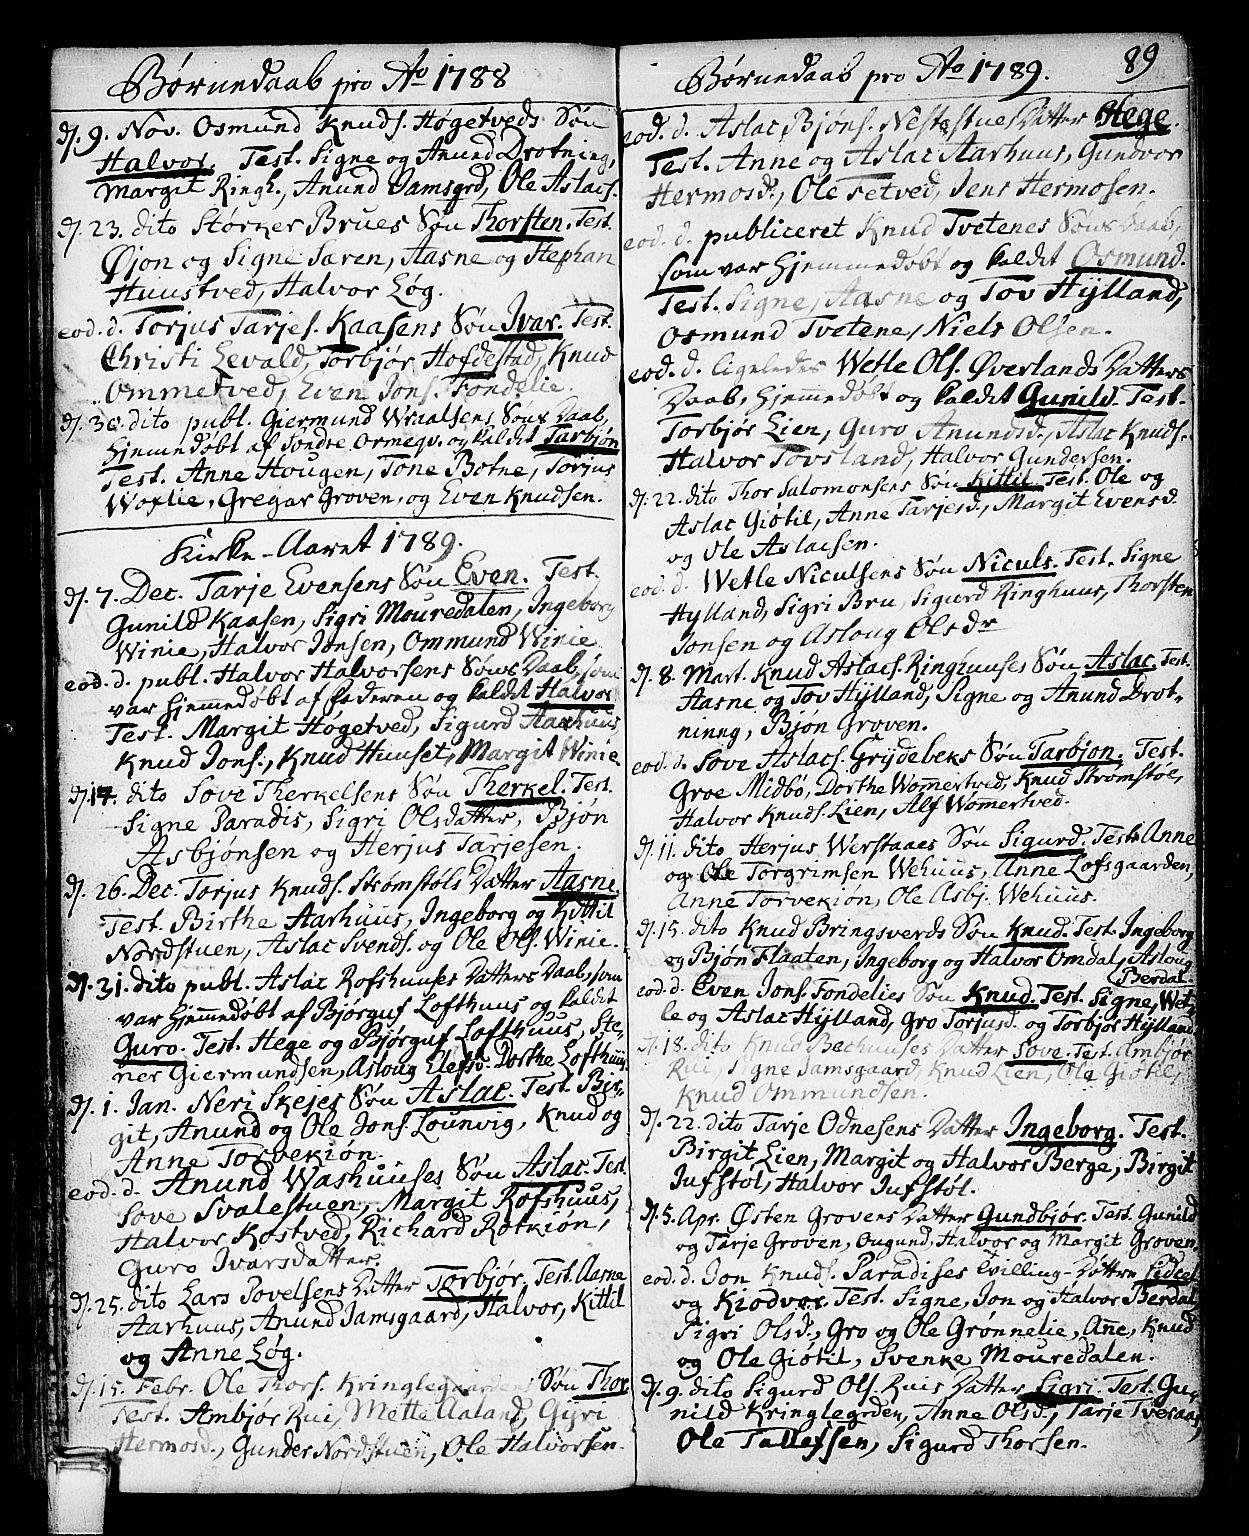 SAKO, Vinje kirkebøker, F/Fa/L0002: Ministerialbok nr. I 2, 1767-1814, s. 89